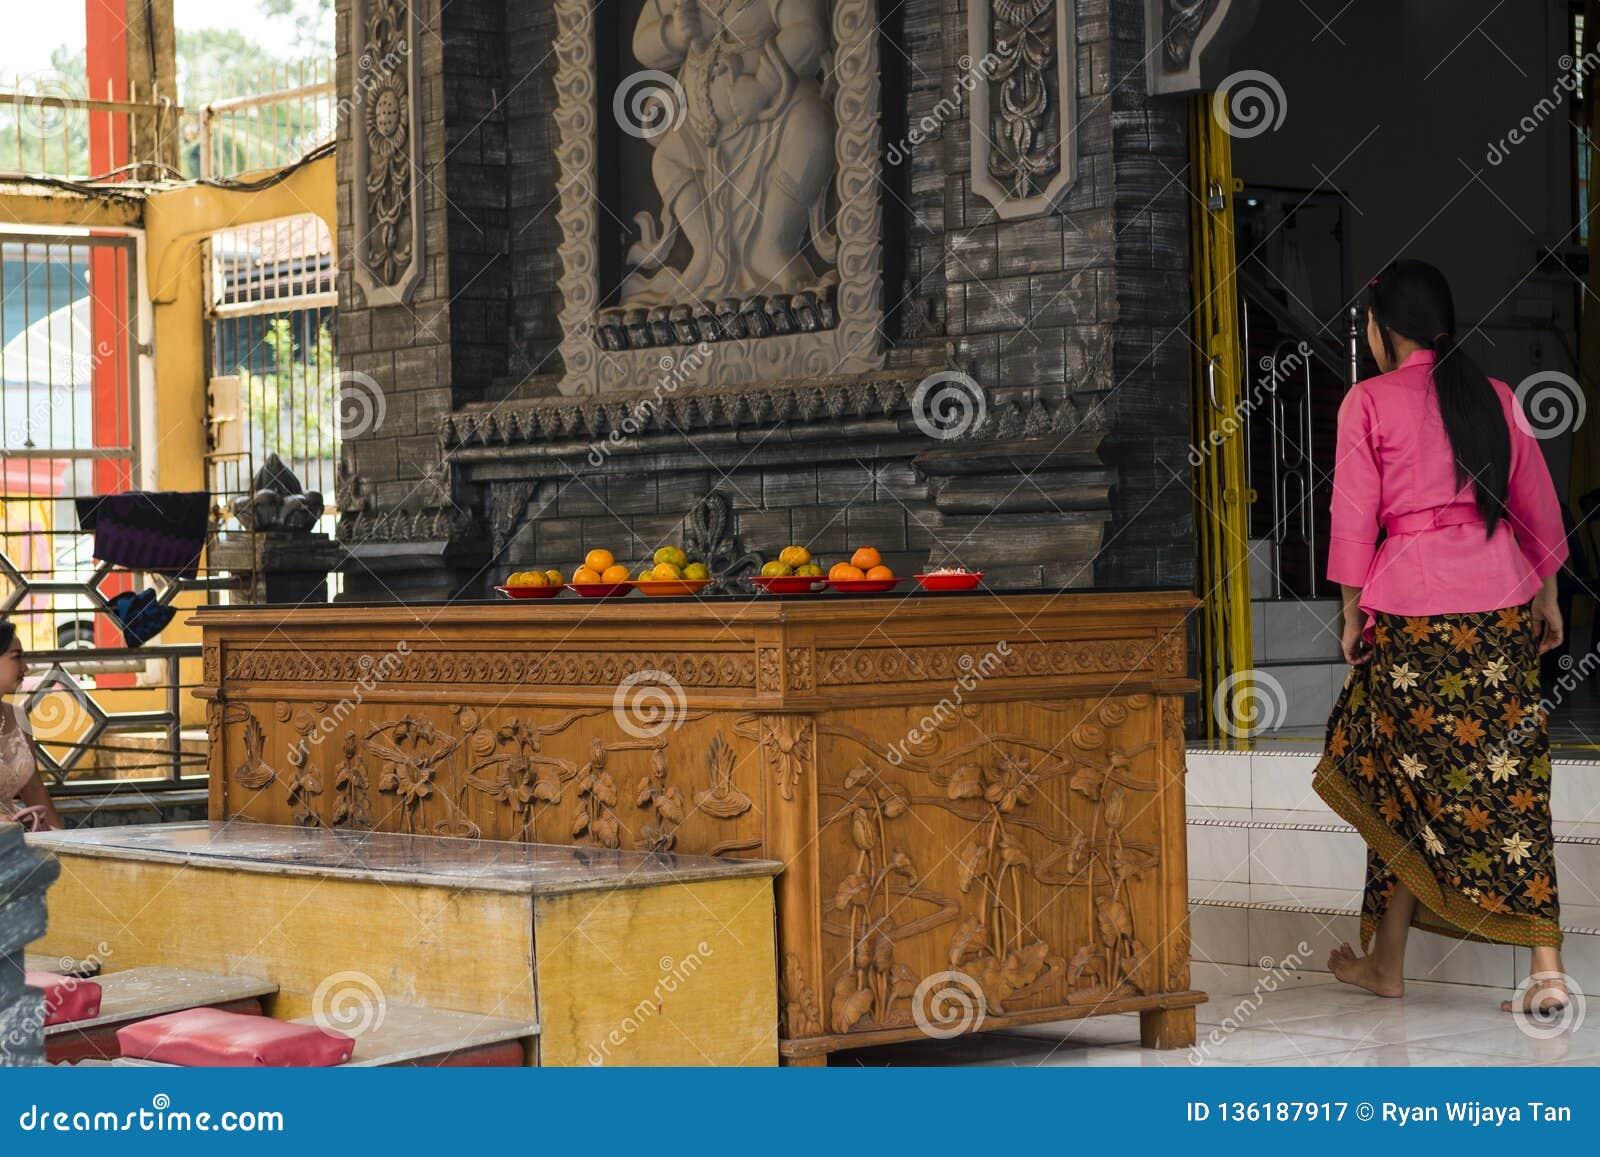 Jambi, Indonesien - 7. Oktober 2018: Eine Frau, die das Vihara für das Beten betritt